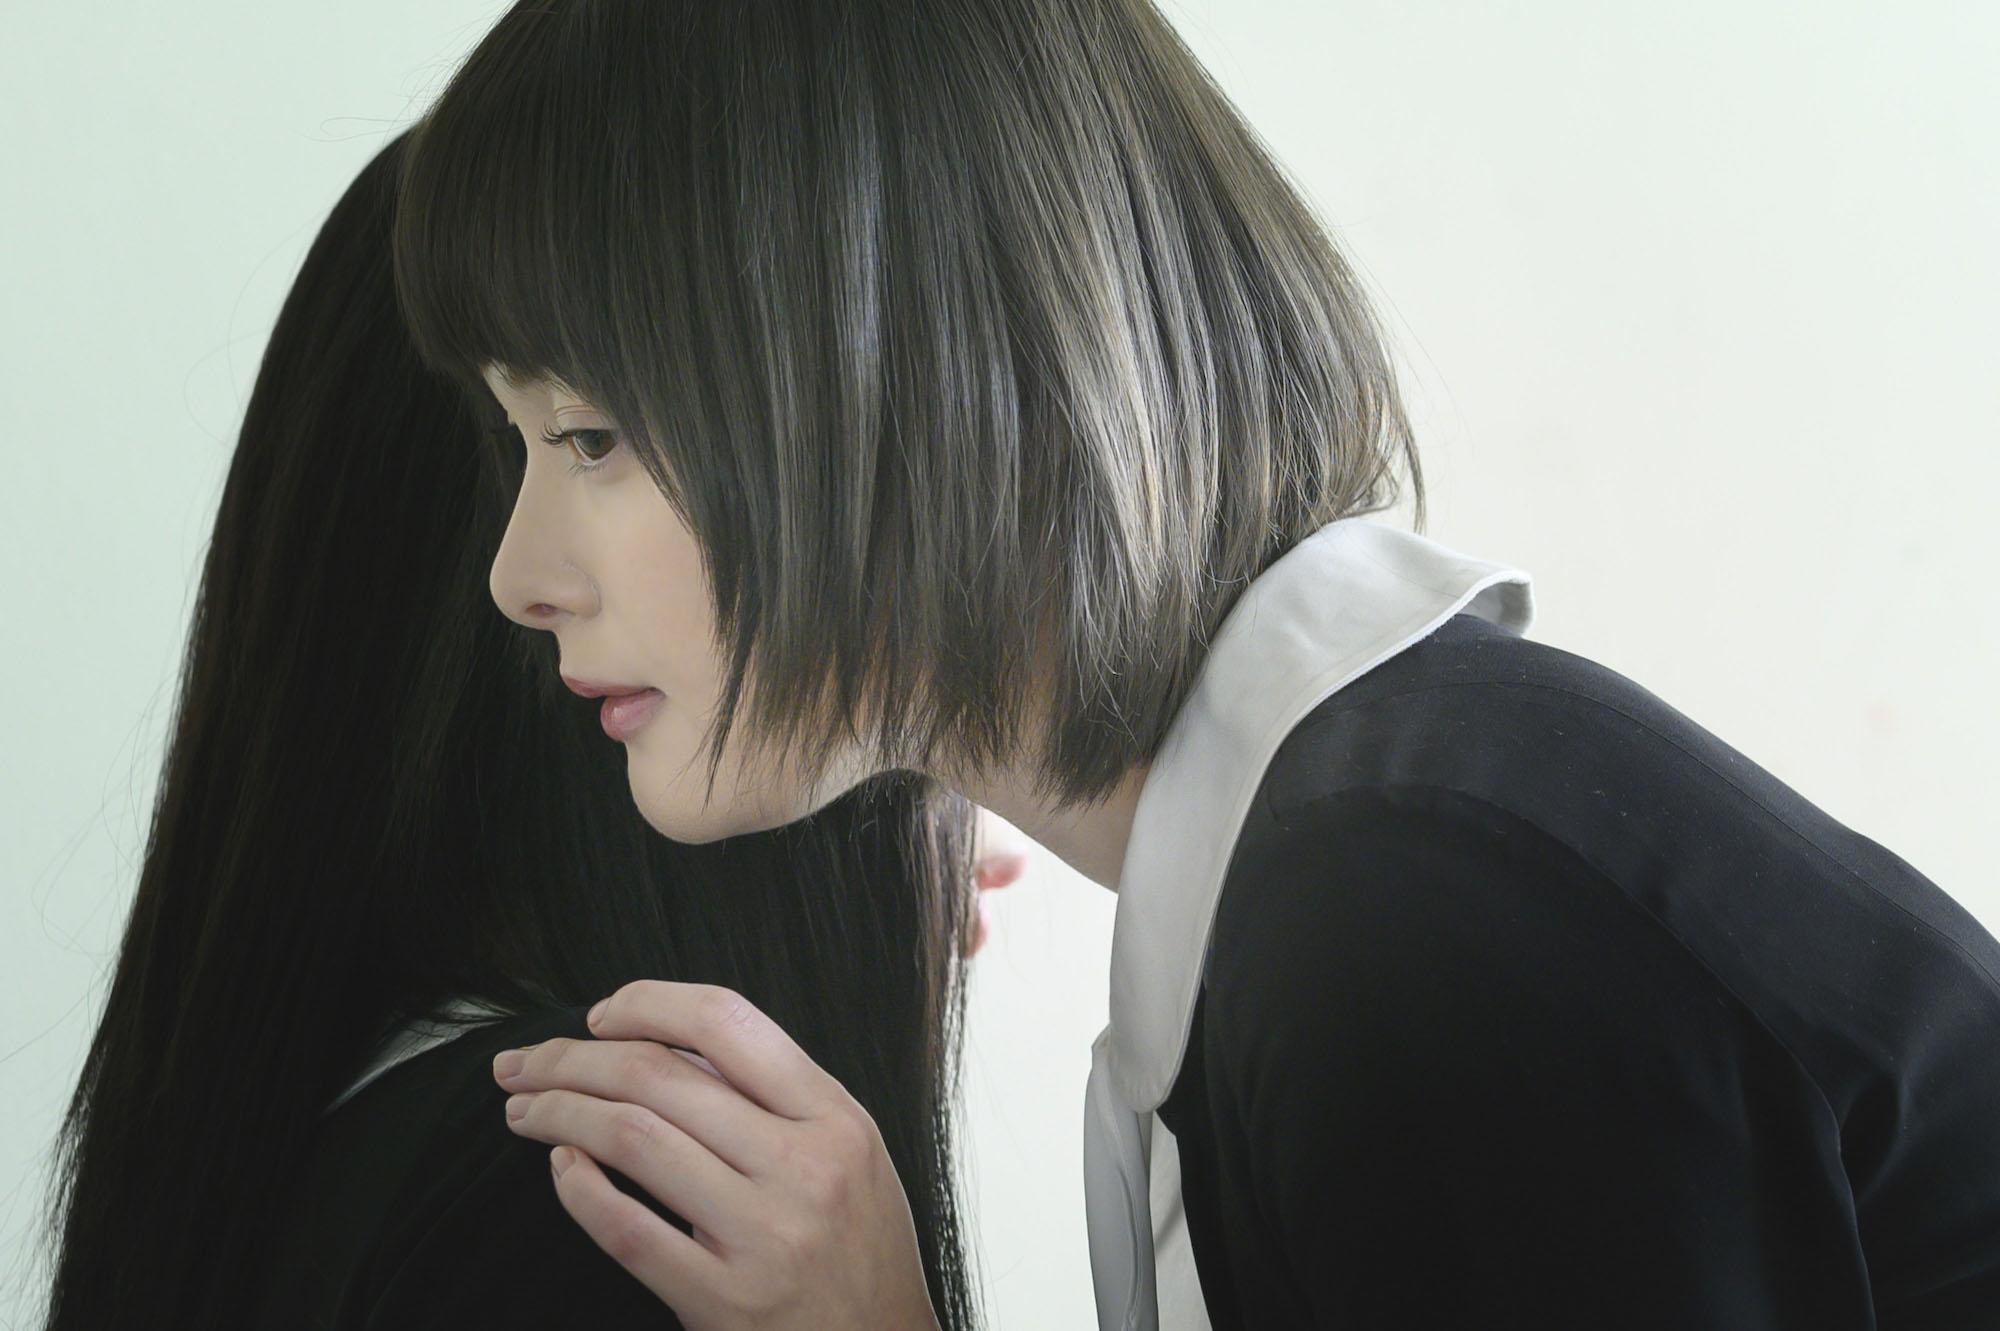 玉城ティナ/❝『このミス』⼤賞ドラマシリーズ❞第5弾『そして、ユリコは一人になった』